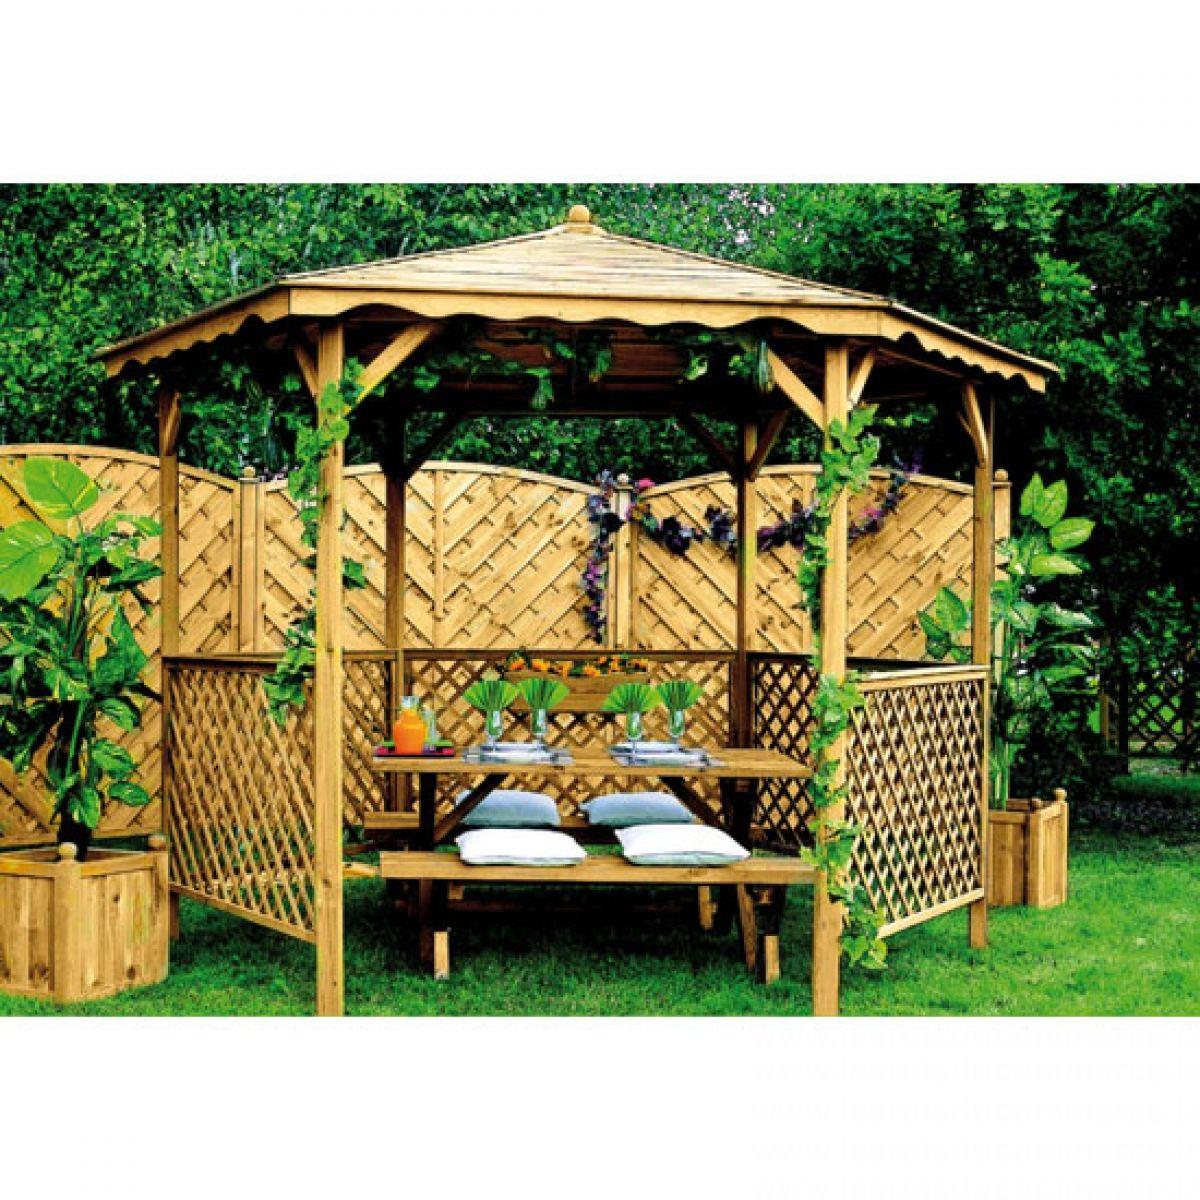 Kiosque De Jardin   Kiosque Jardin, Jardins En Bois Et ... dedans Tonnelle De Jardin Pas Cher Carrefour